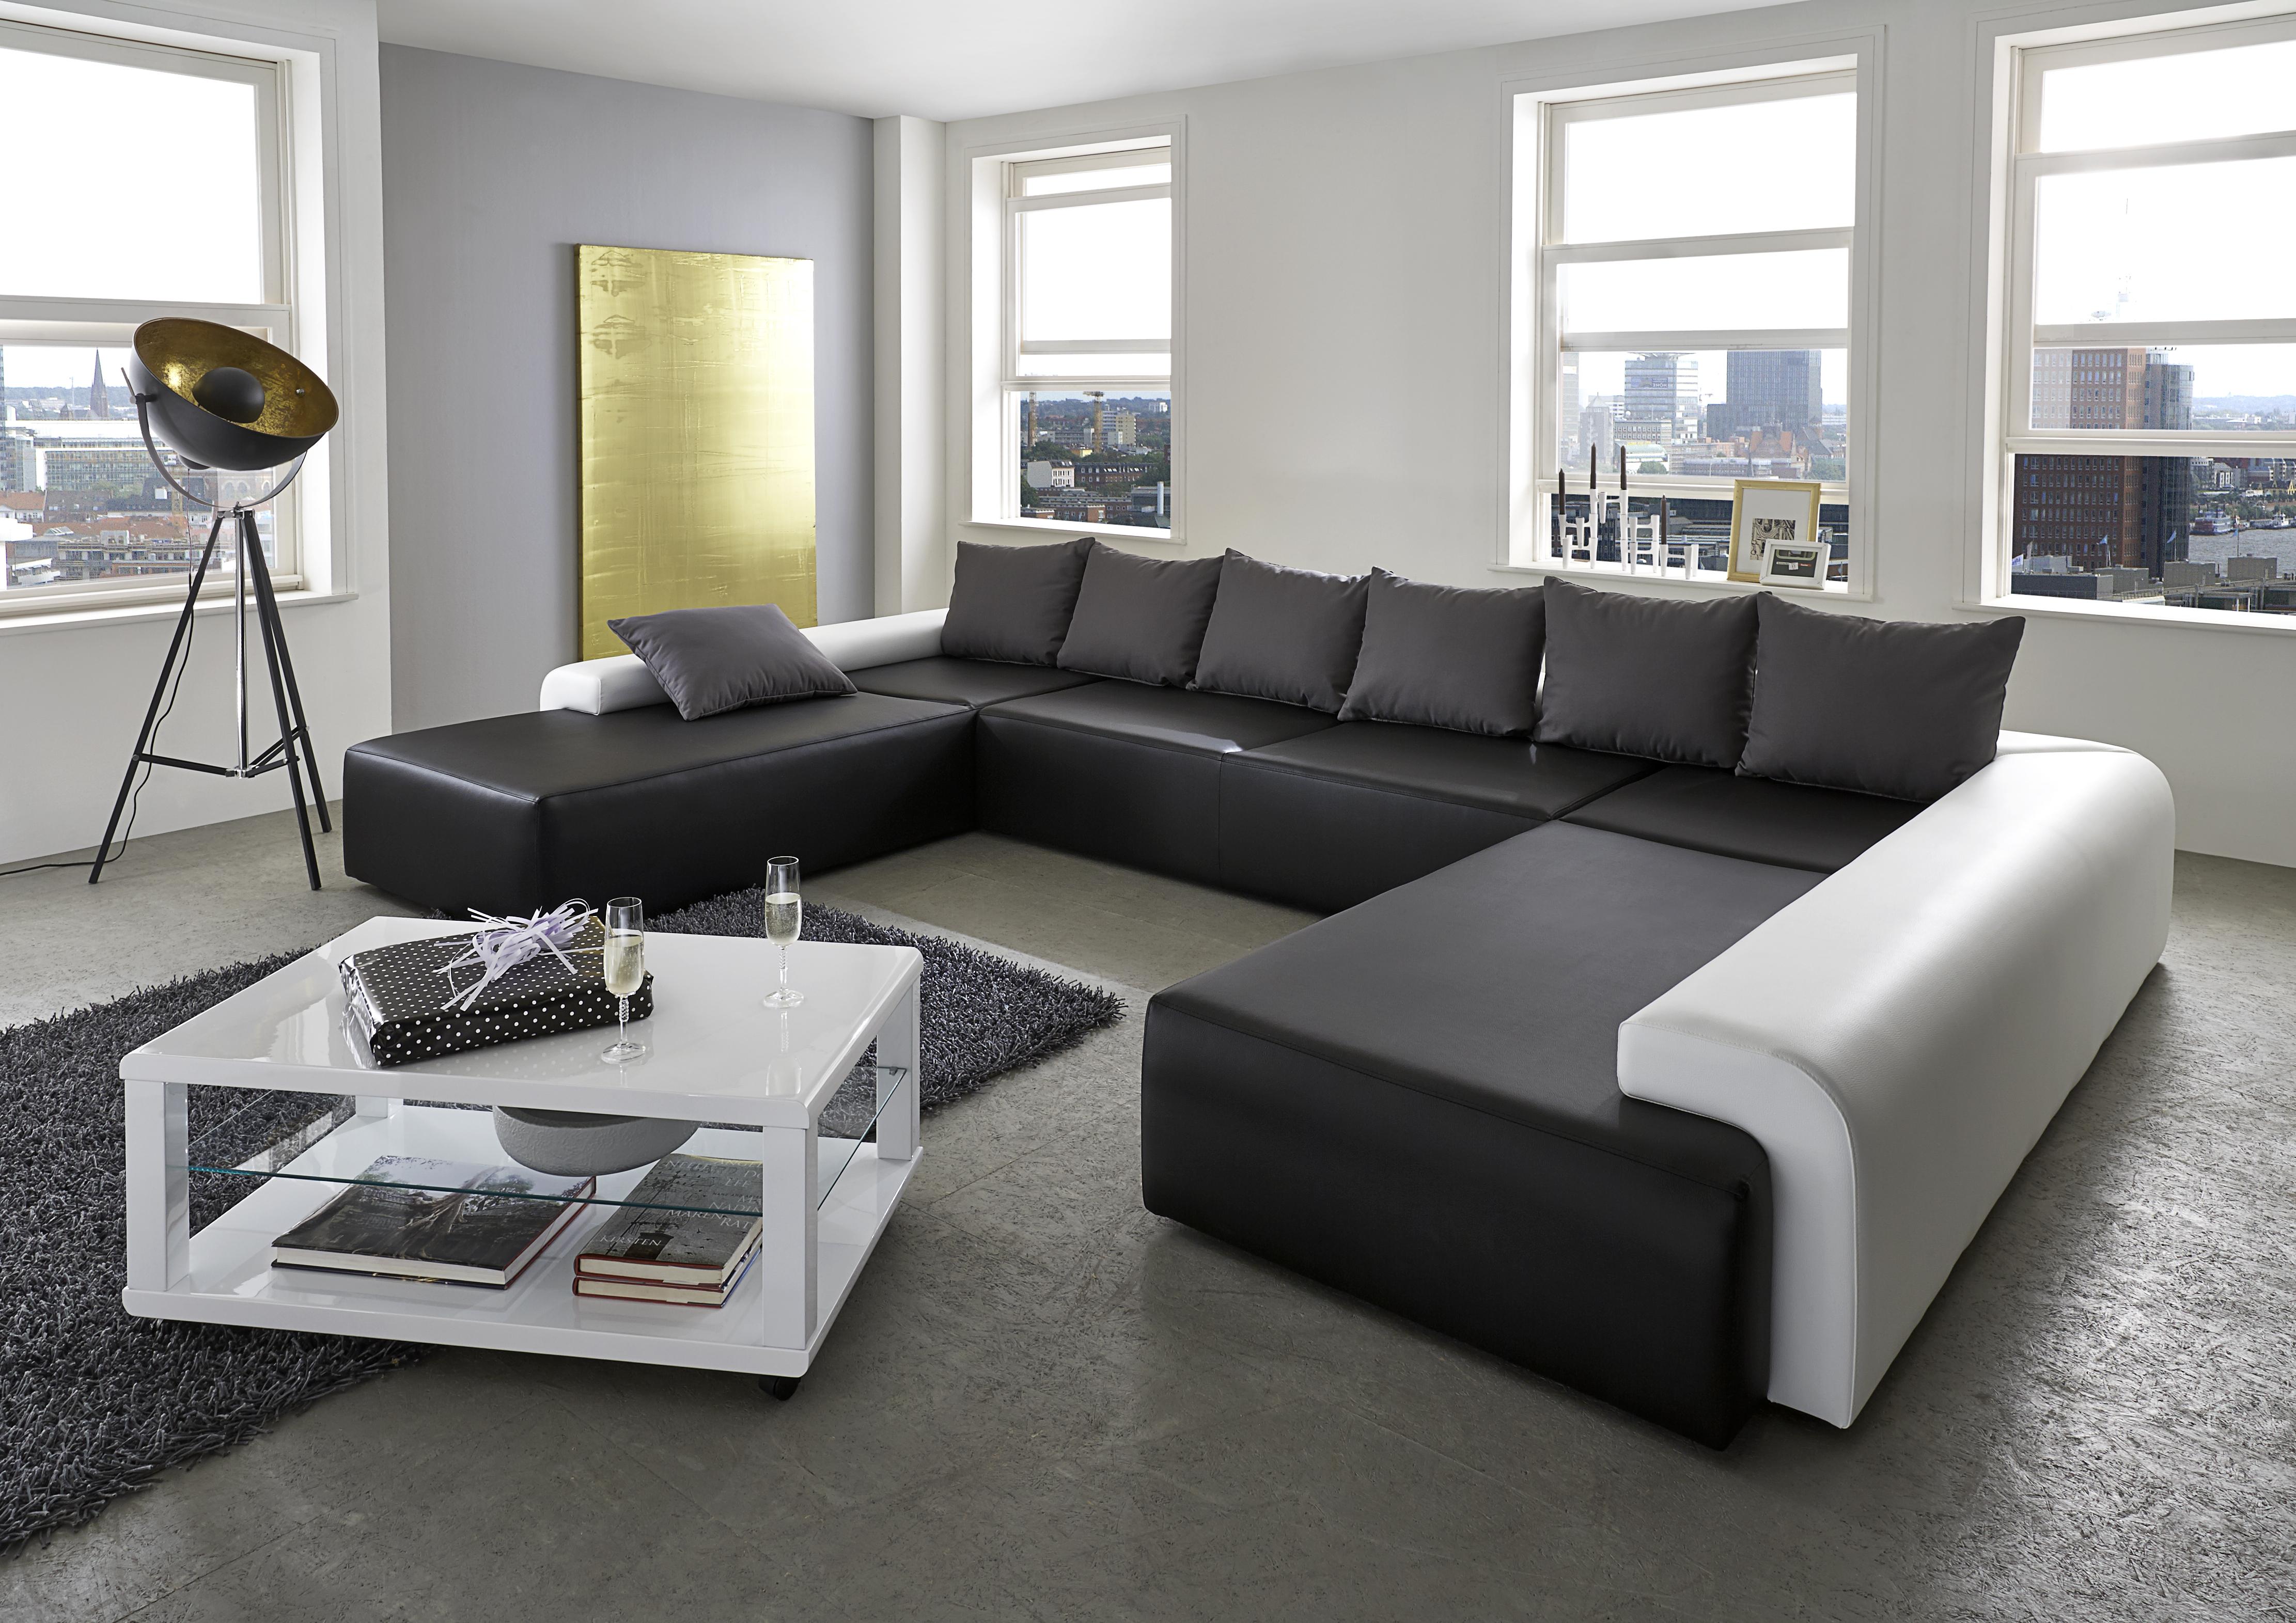 Gardinen Schlafzimmer Wohnideen Wohnzimmer Home Design Inspiration